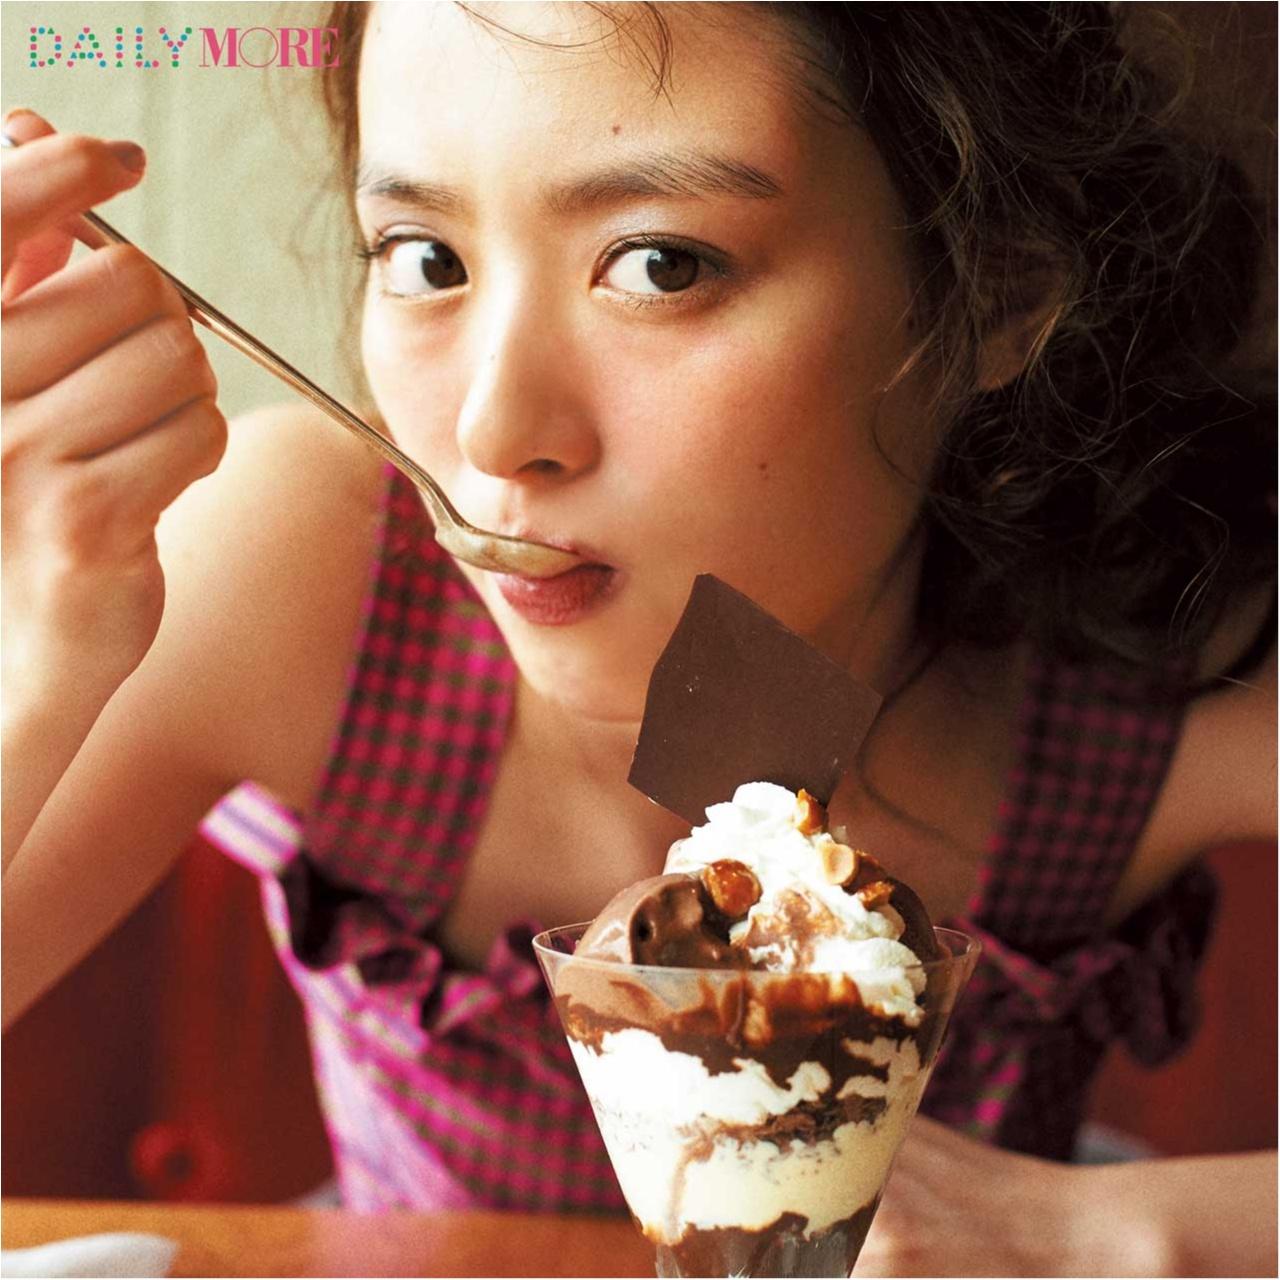 内田理央&イガリシノブさんが提案!「カフェデートの日」は「じゅわっとほっぺメイク」がオススメ♪_1